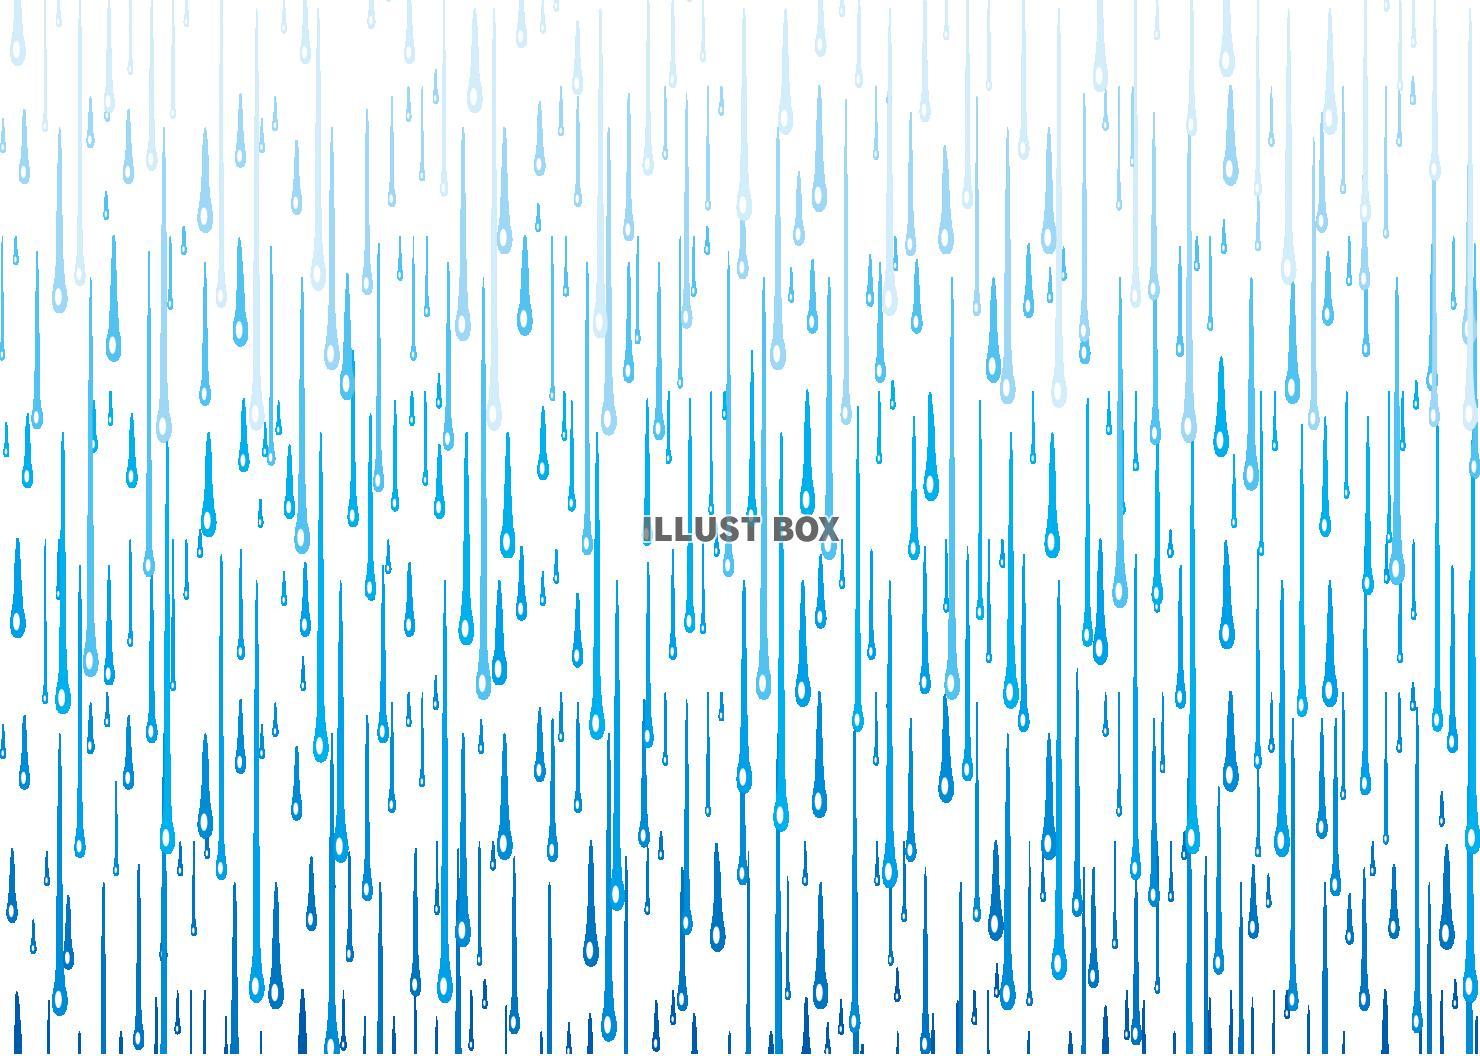 無料イラスト 雨のイメージ 梅雨 壁紙